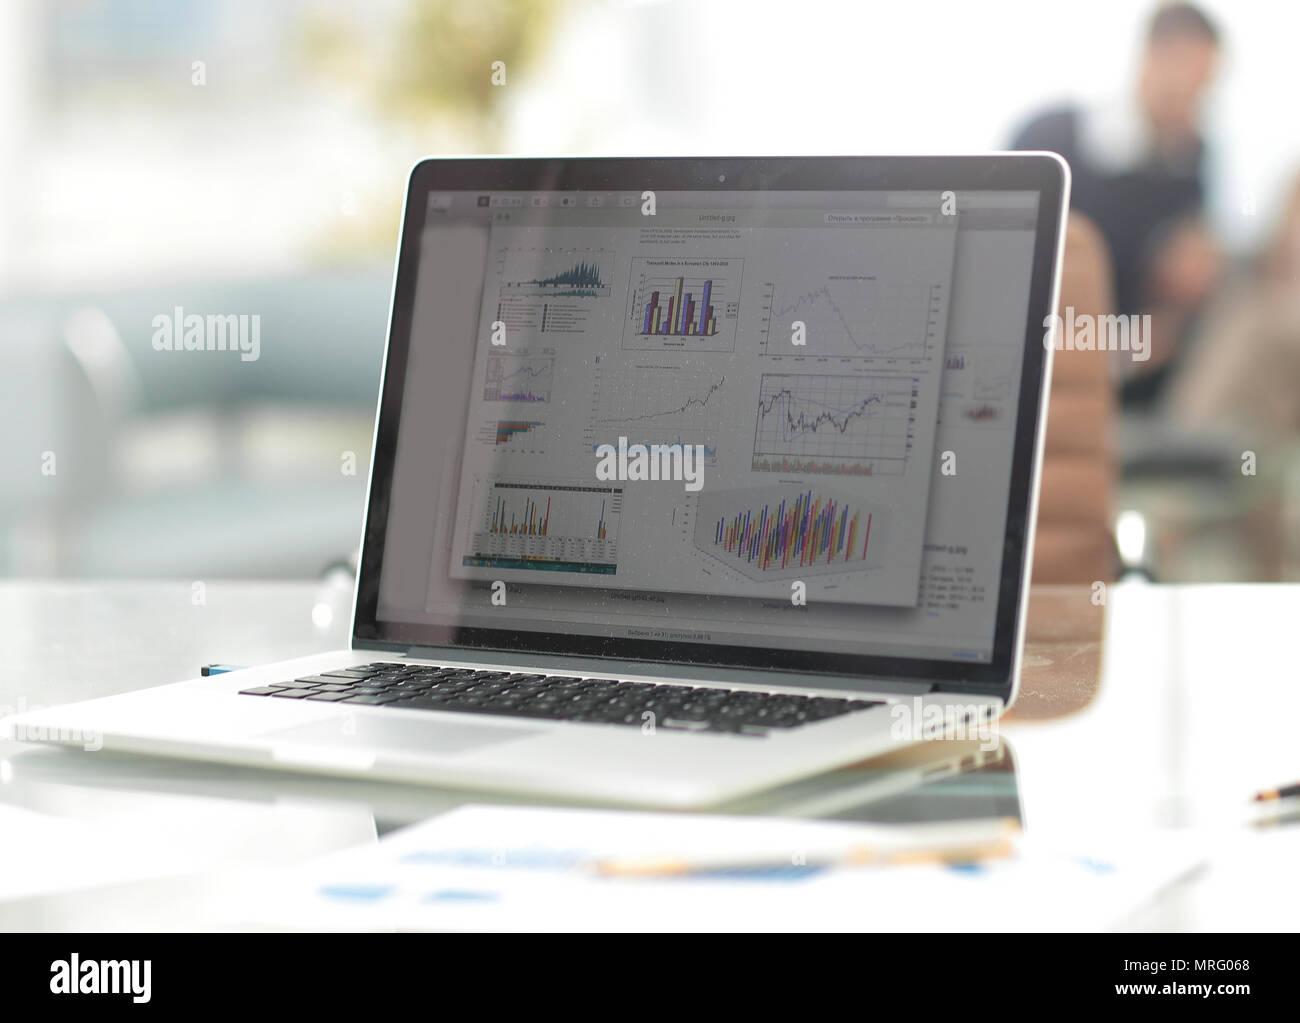 Monitore Auf Dem Desktop In Einem Modernen Buro Geschaft